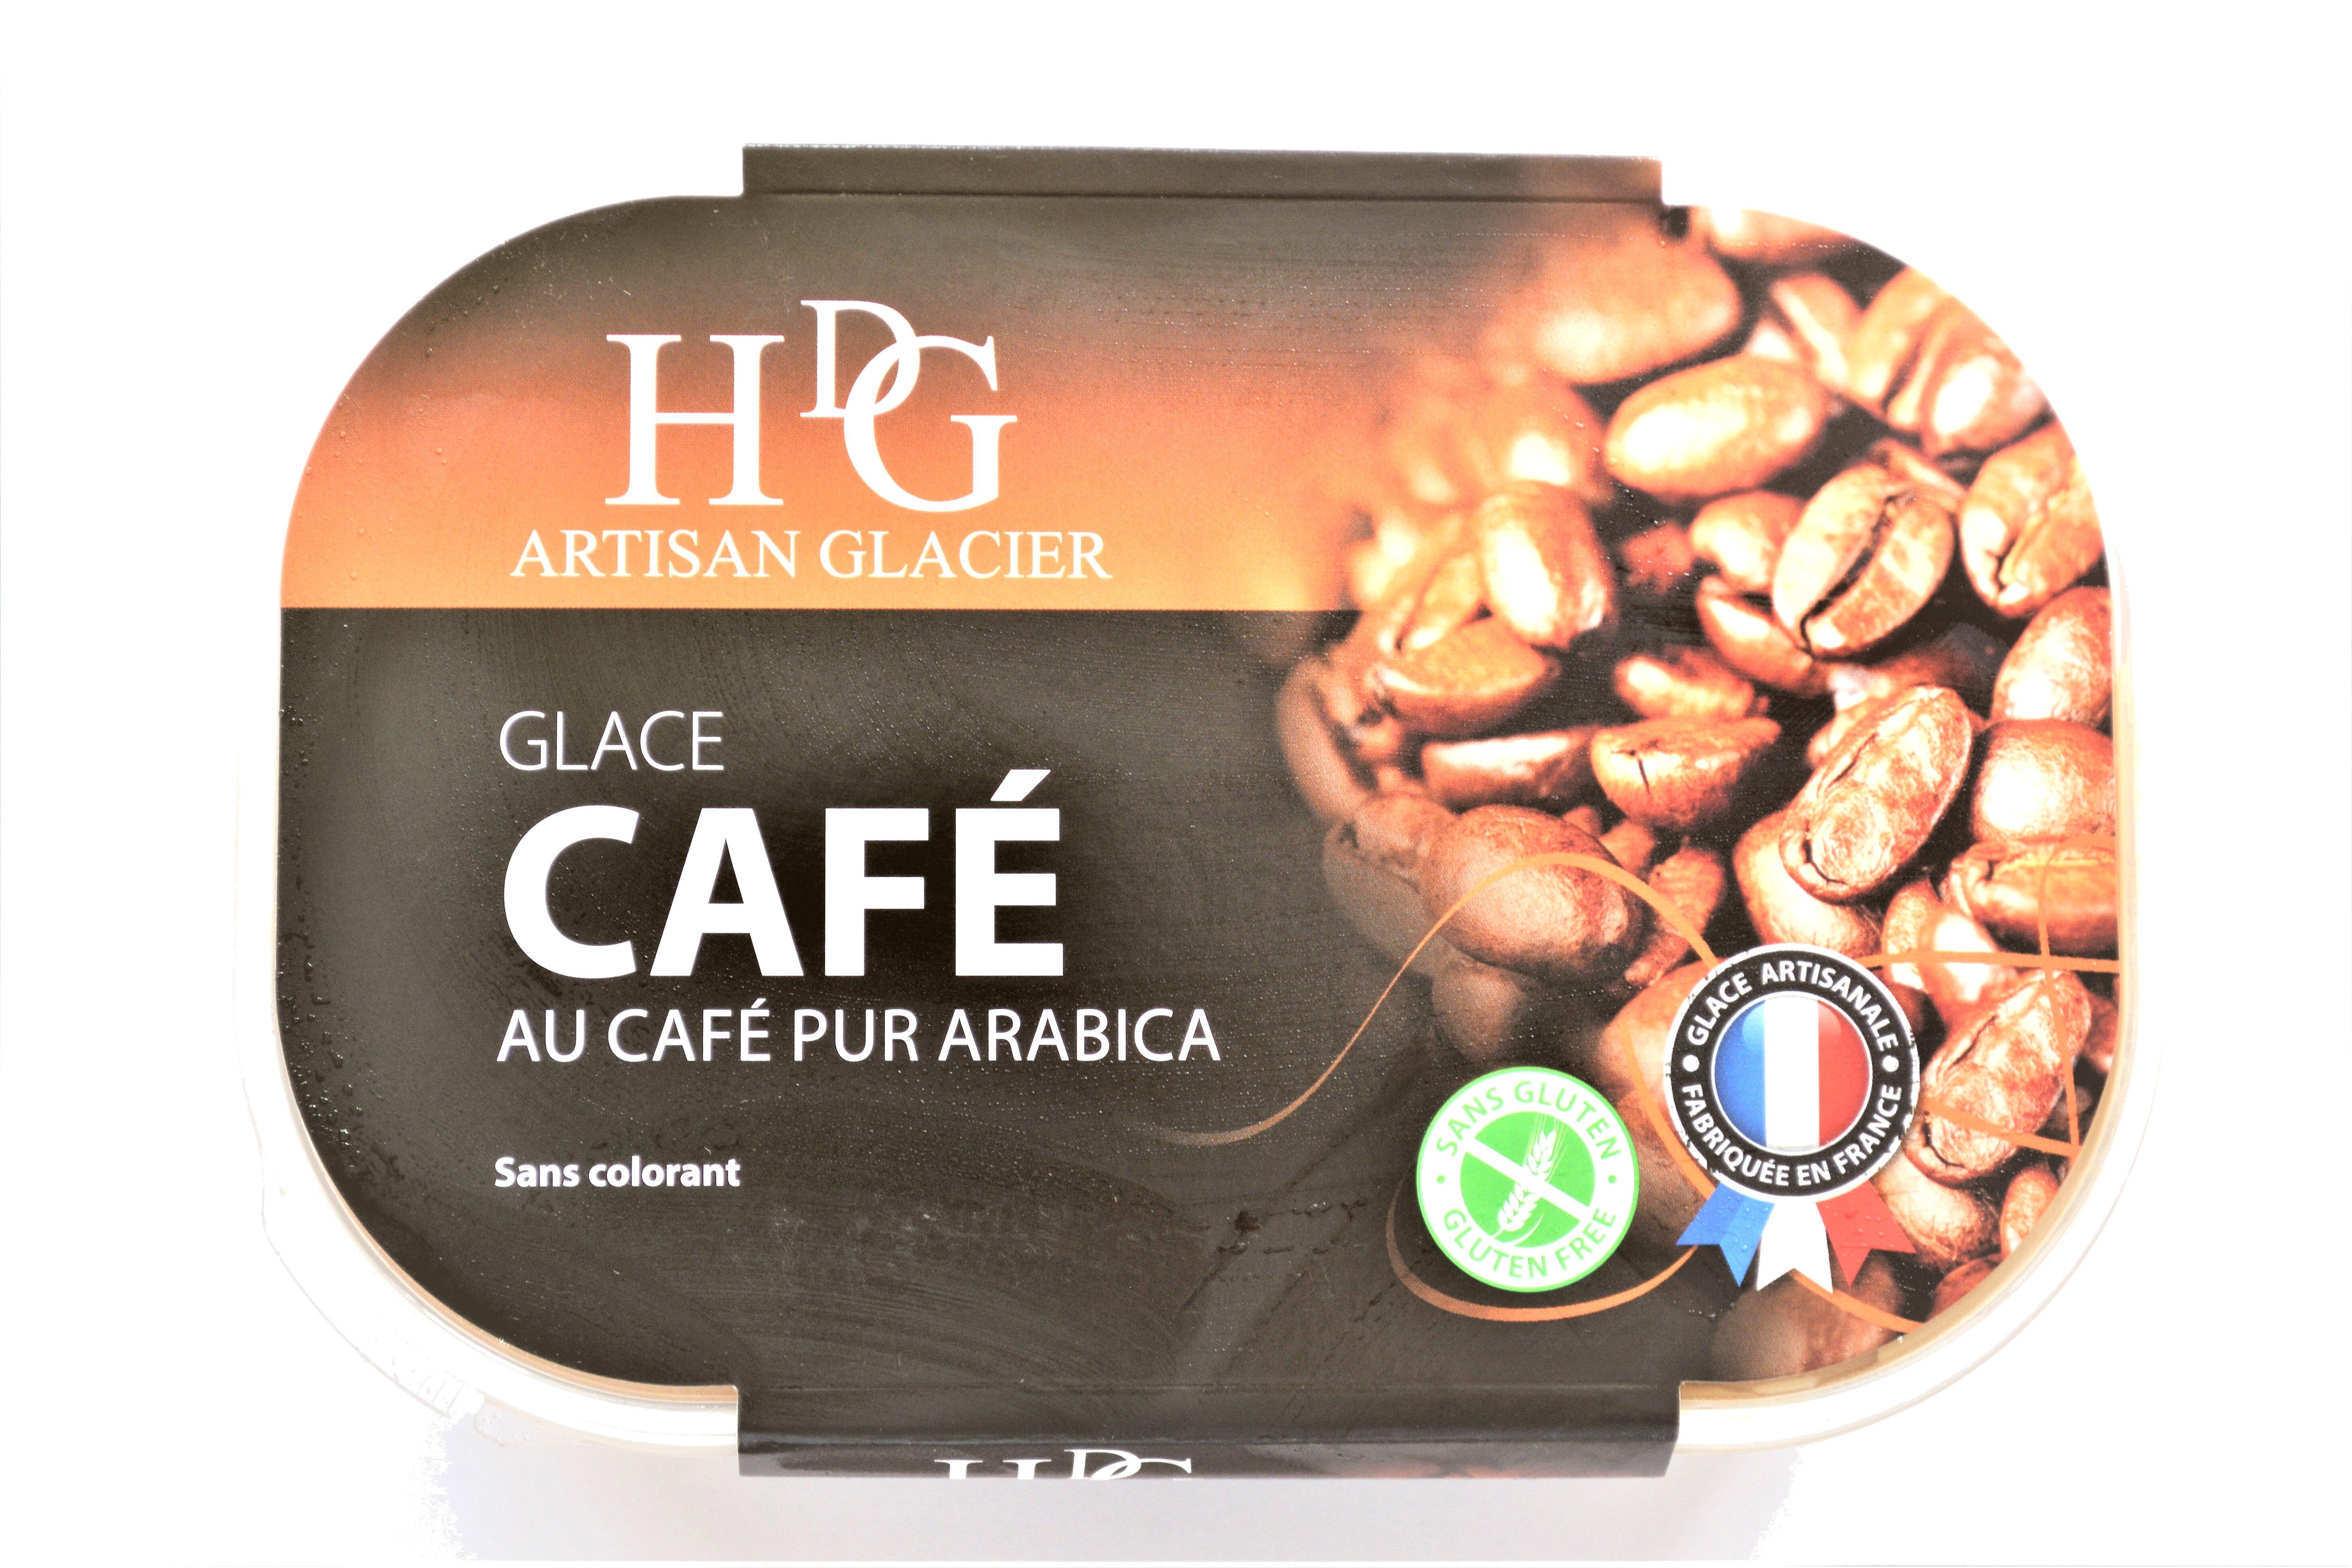 Glace Café au café pur arabica - Product - fr